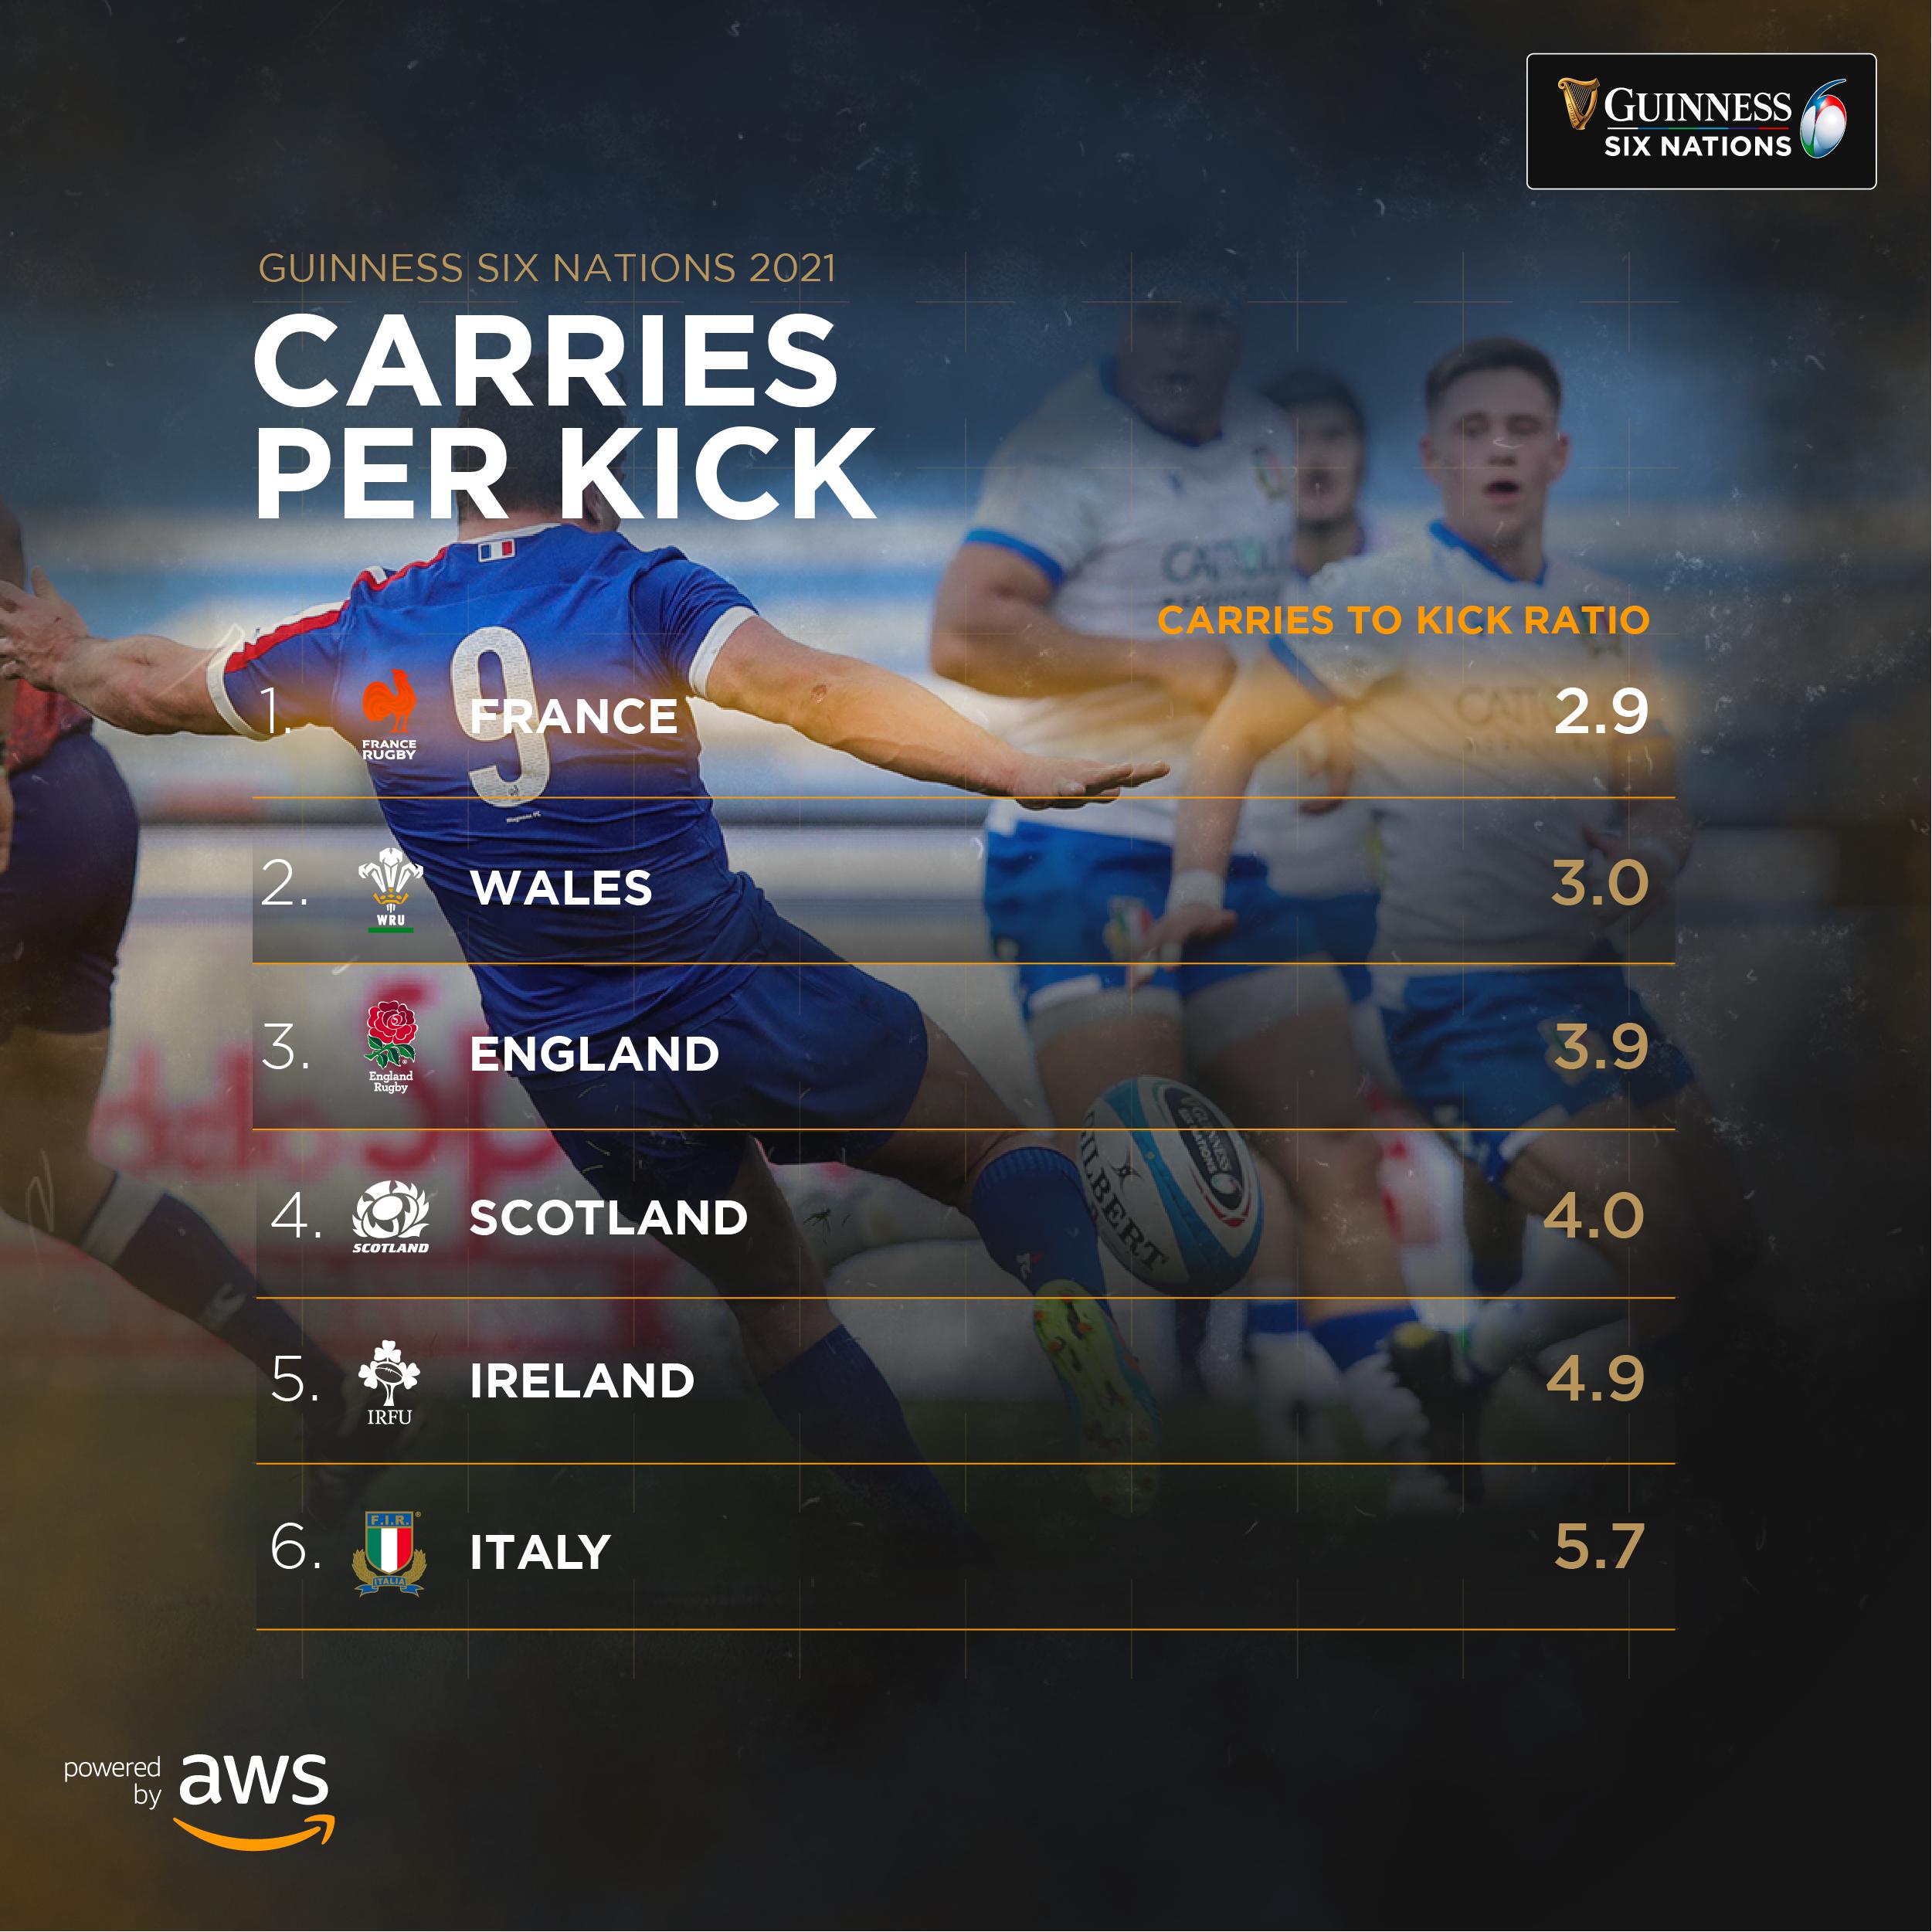 AWS carries per kick